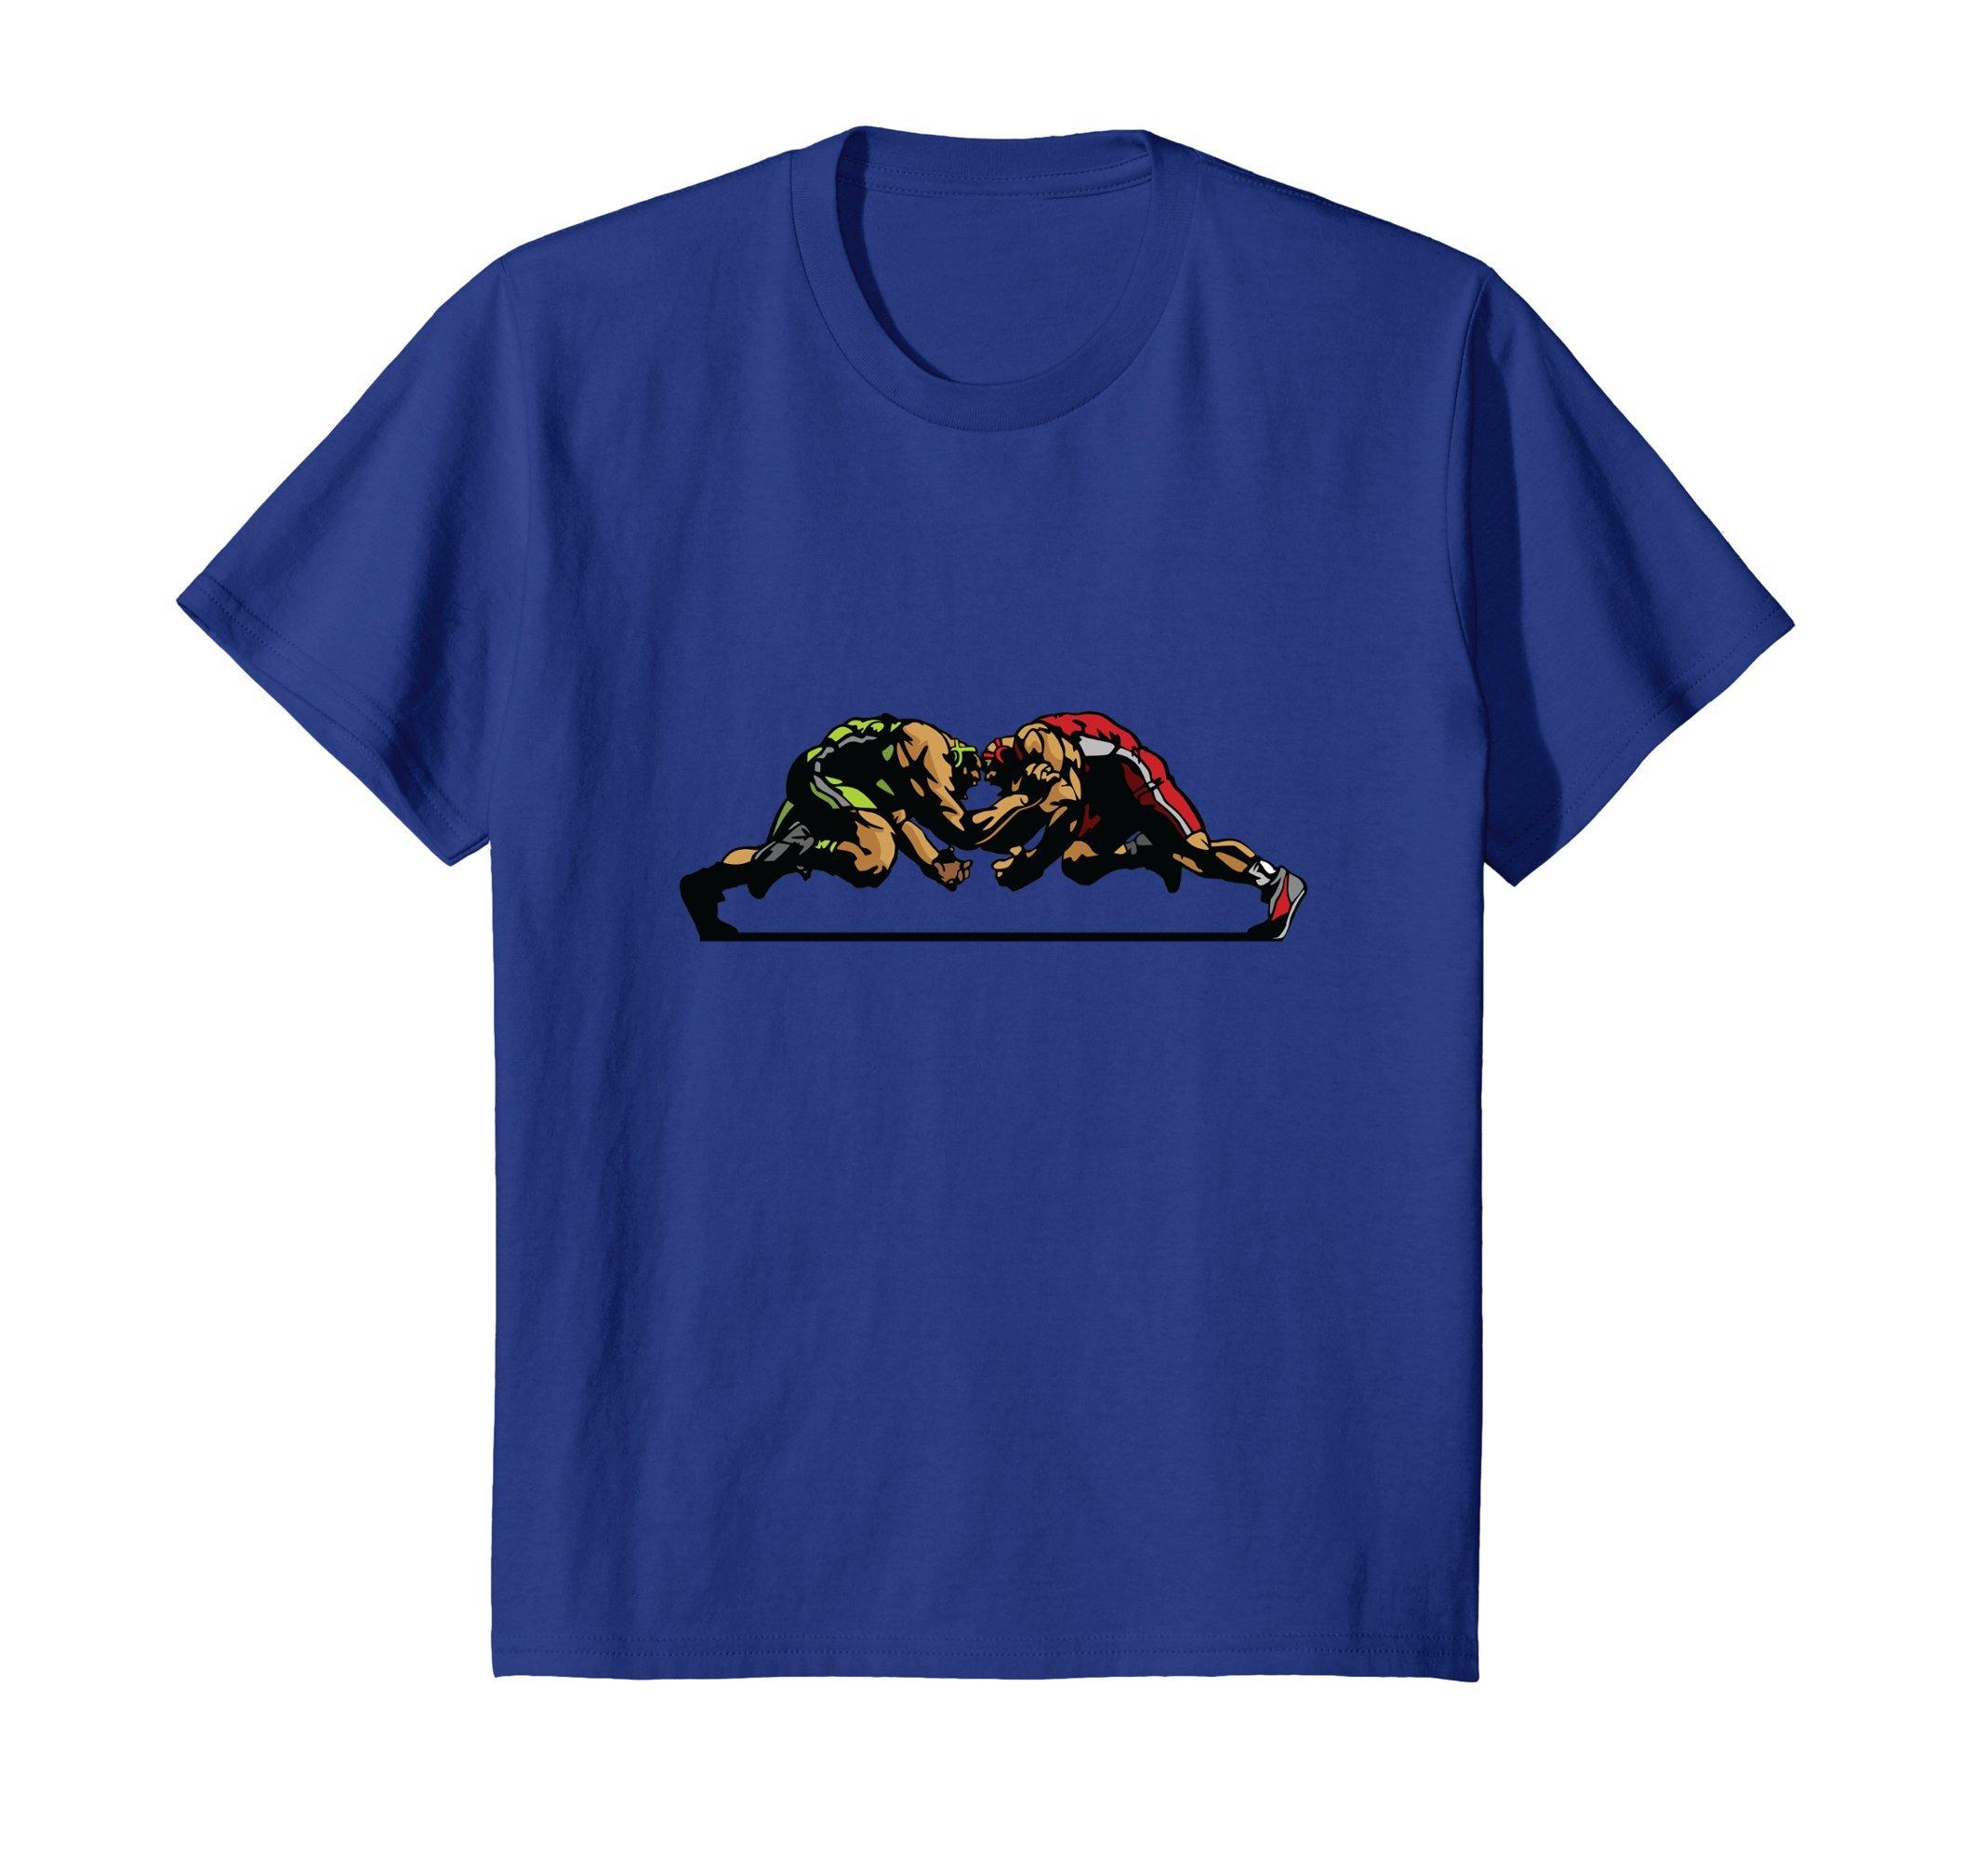 Kids Wrestling shirt 8 Royal Blue